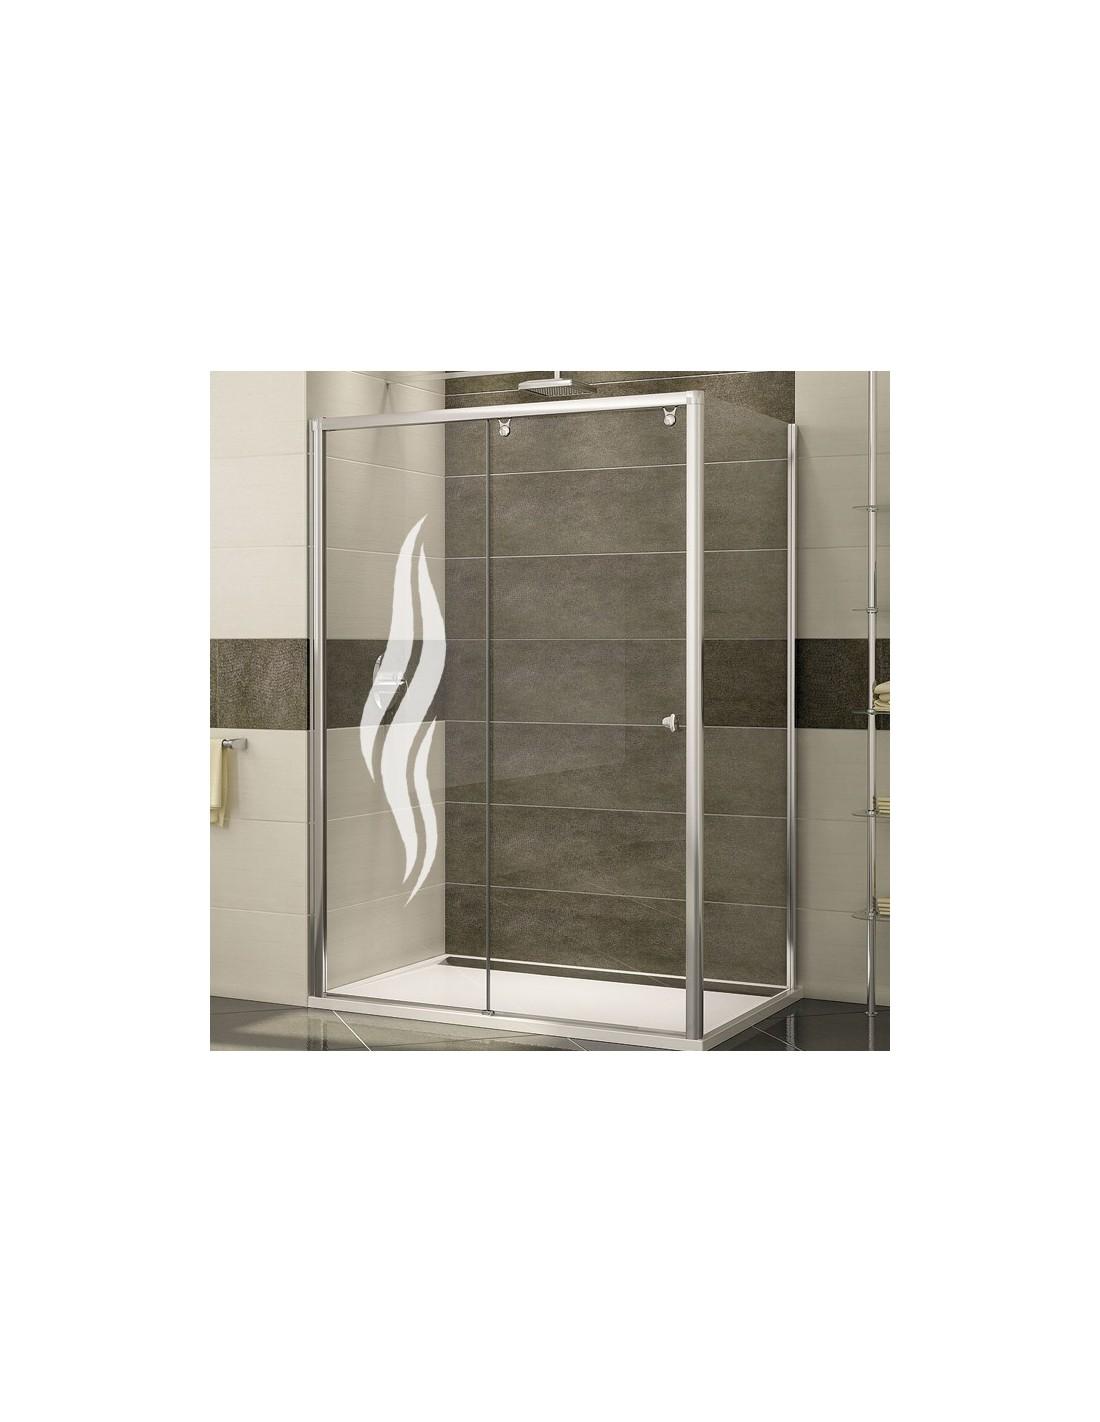 Paroi de douche pas cher stunning sticker porte jardin - Paroi de douche pas cher ...